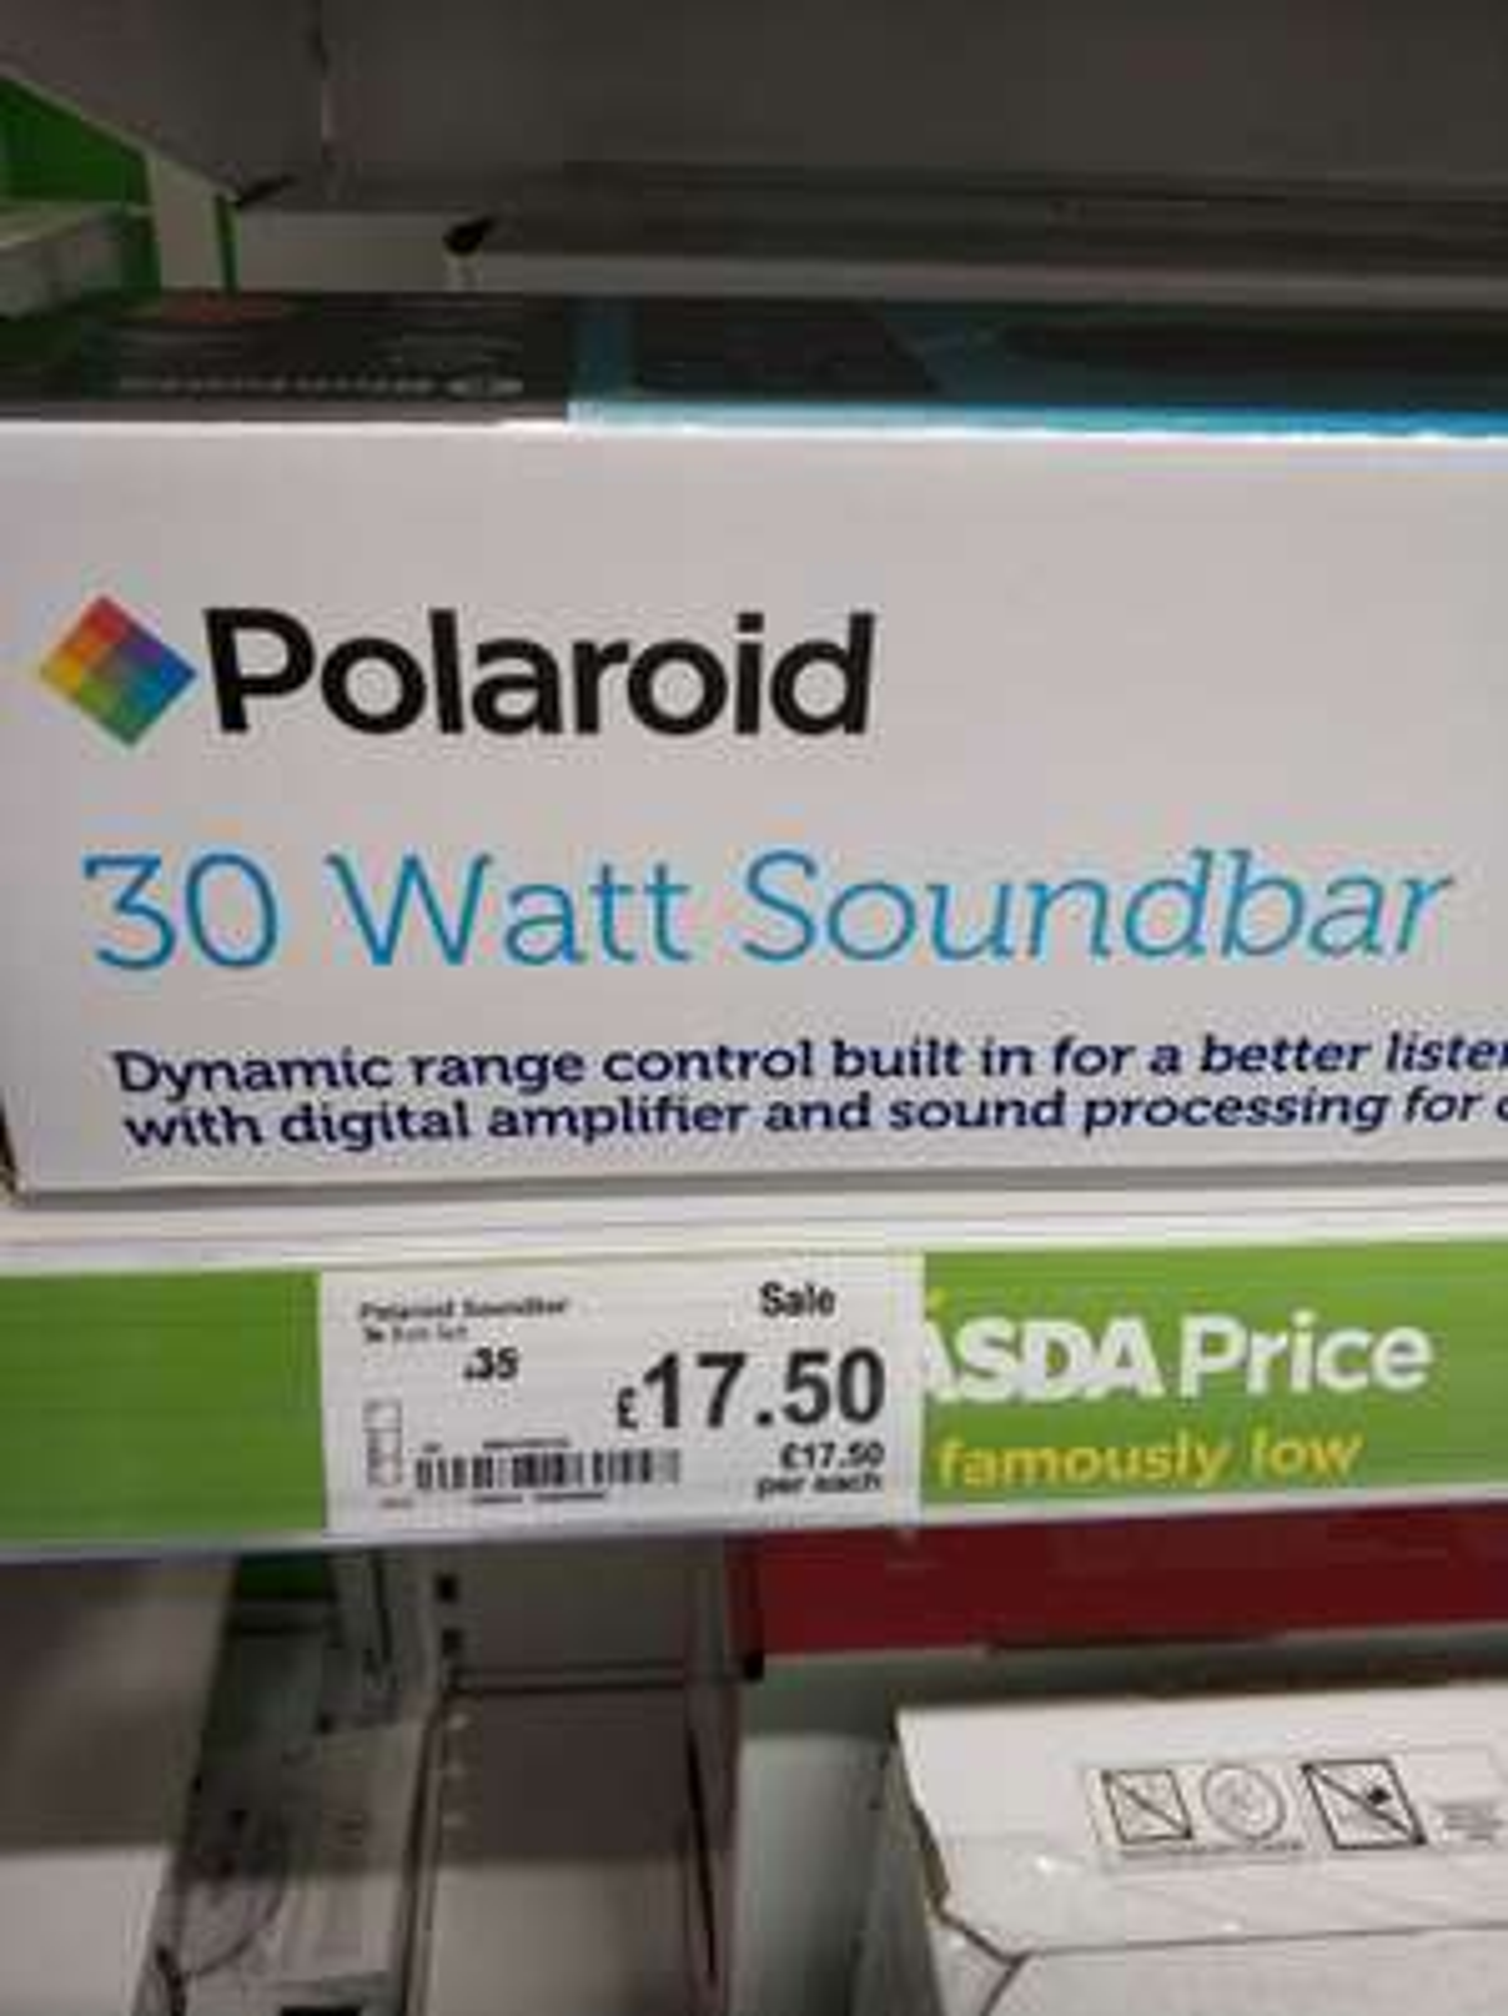 Polaroid 30w soundbar - £17.50 - Asda Chandlers Ford